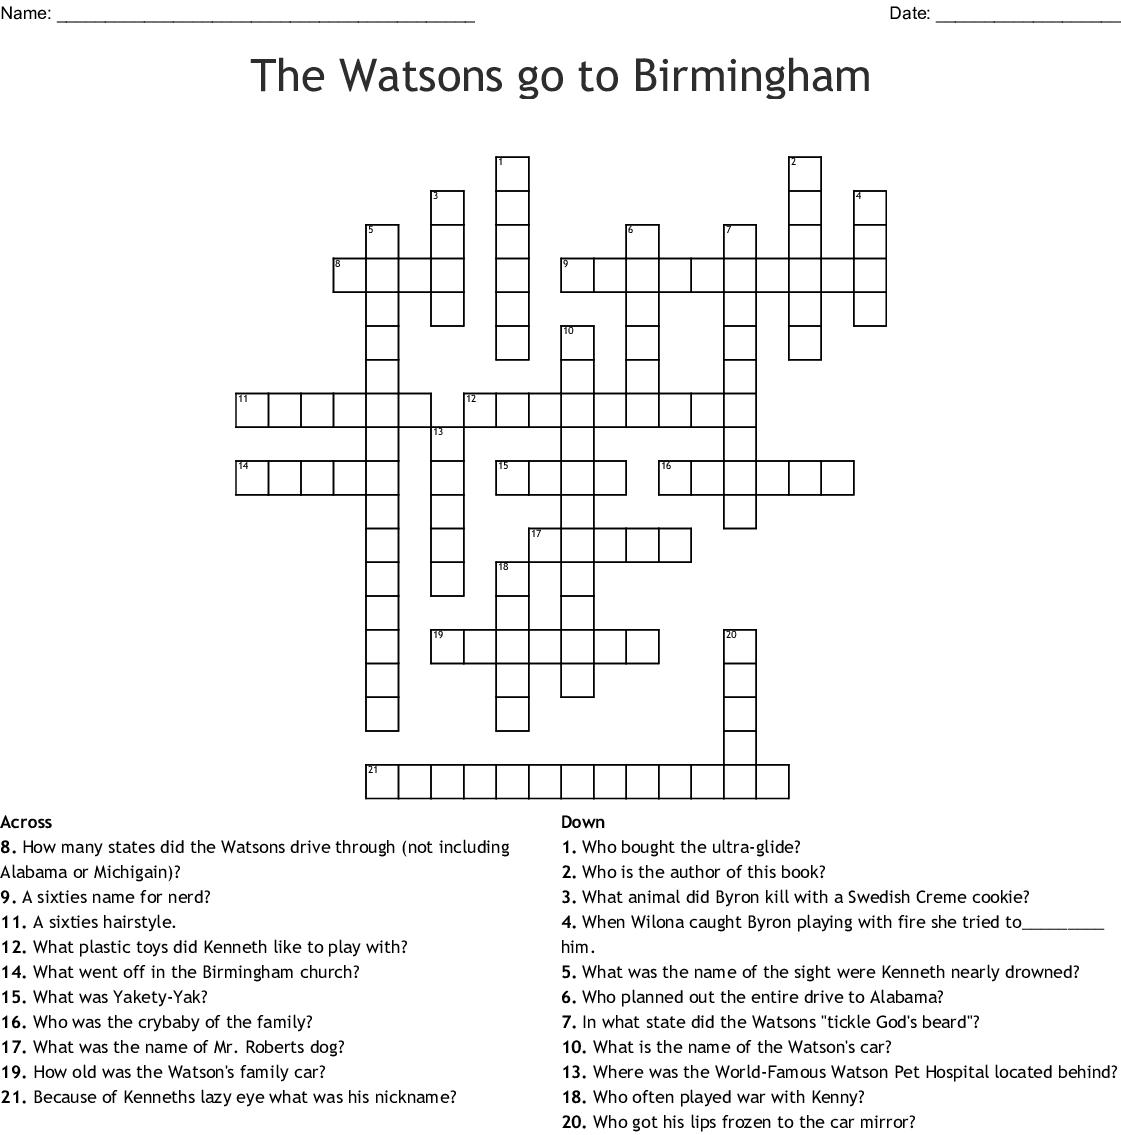 The Watsons Go To Birmingham Crossword Puzzle